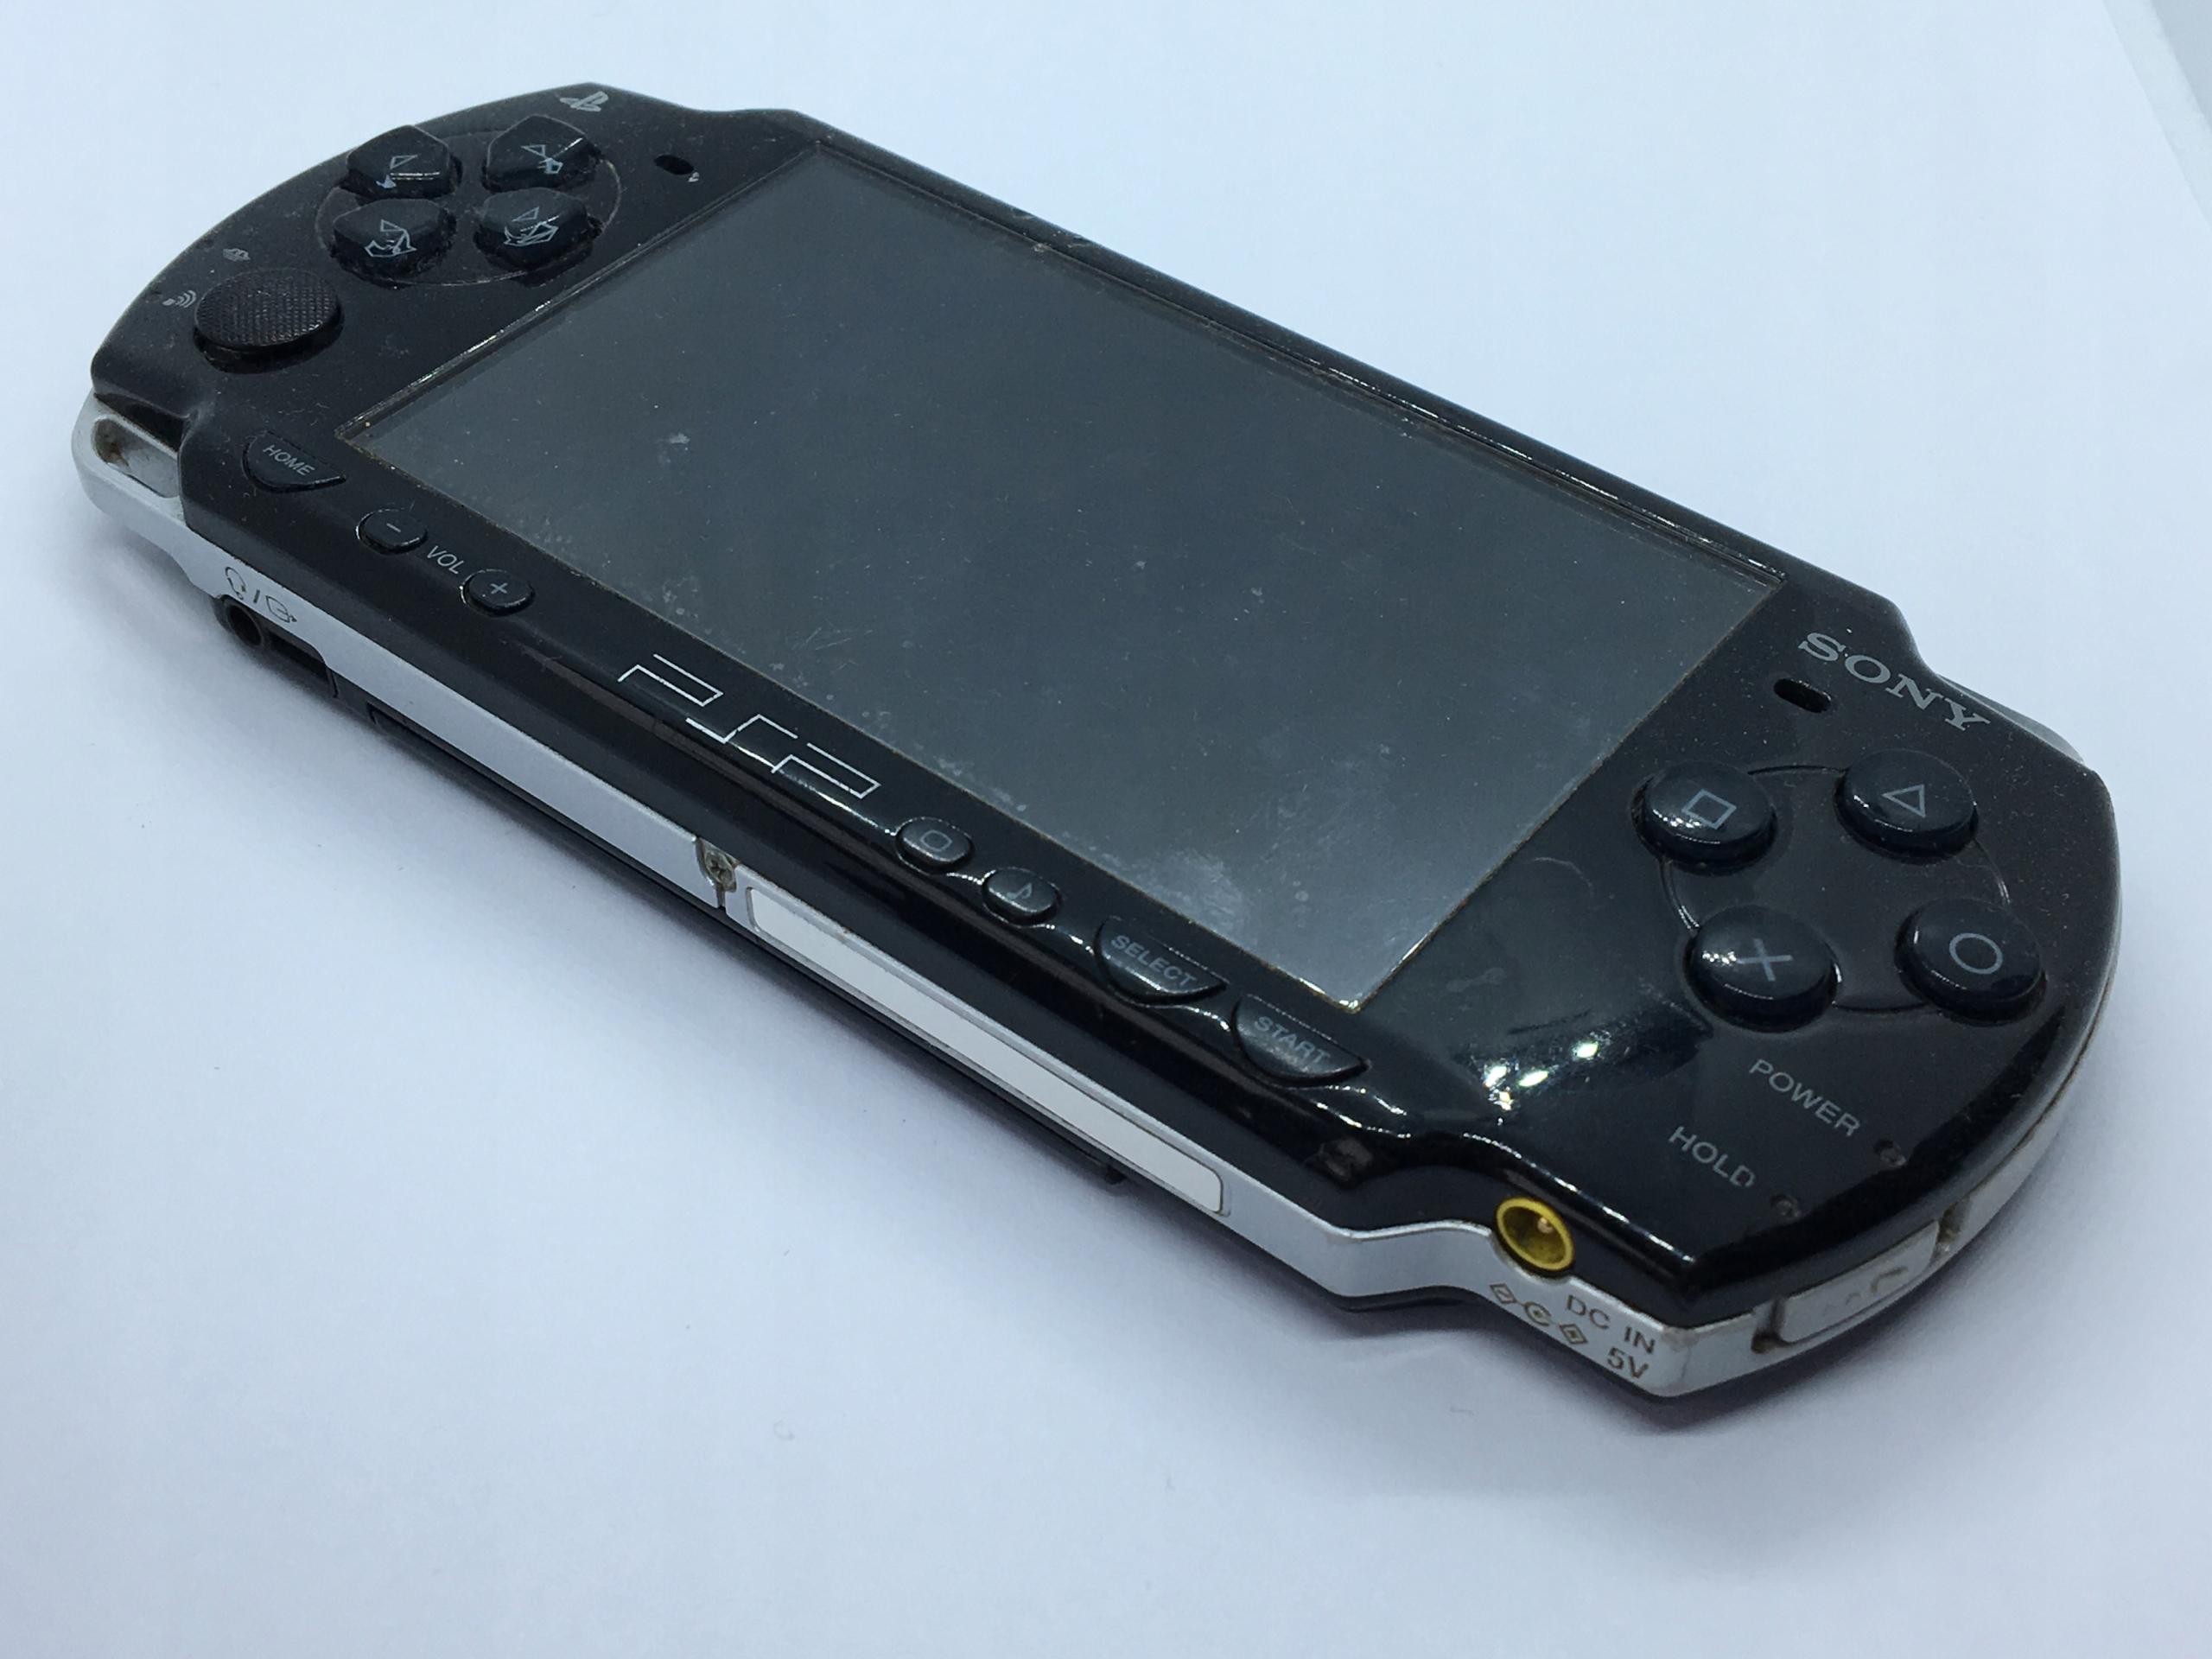 SONY PLAYSTATION PSP-2004 STAN NIEZNANY